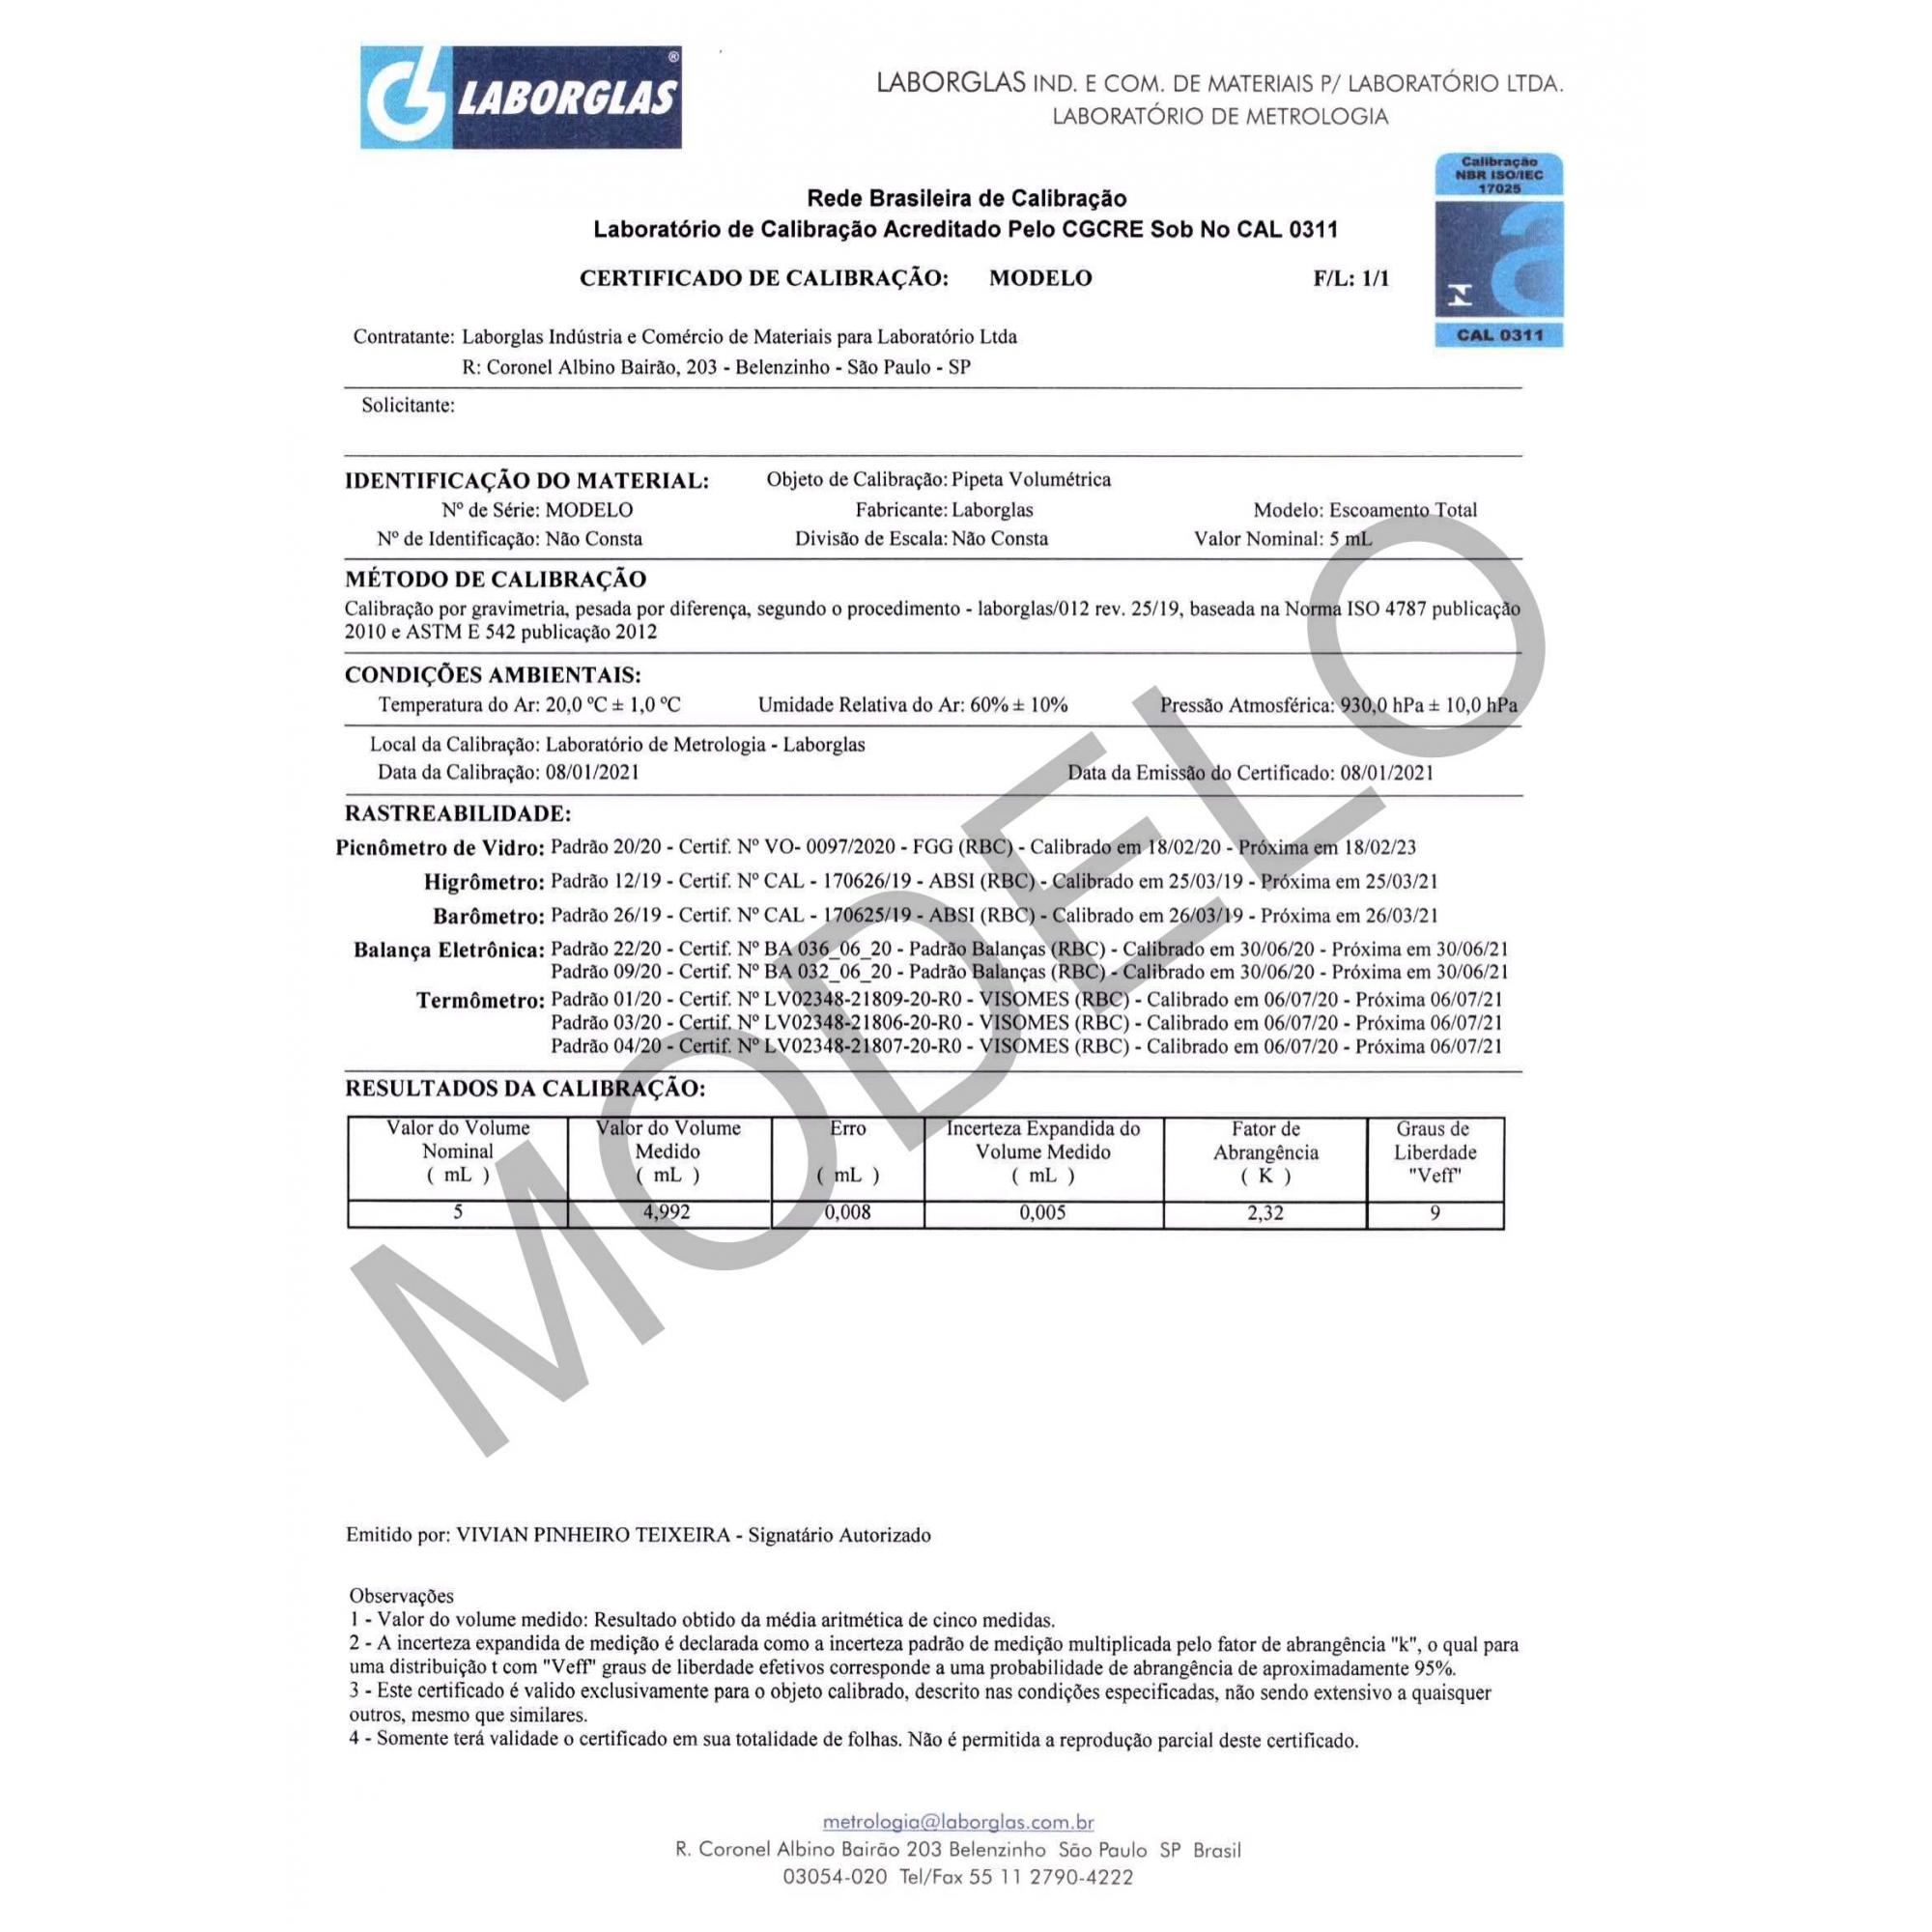 PIPETA VOLUMÉTRICA ESGOTAMENTO TOTAL CLASSE A  100 ML COM CERTIFICADO RBC - Laborglas - Cód. 9433817-R